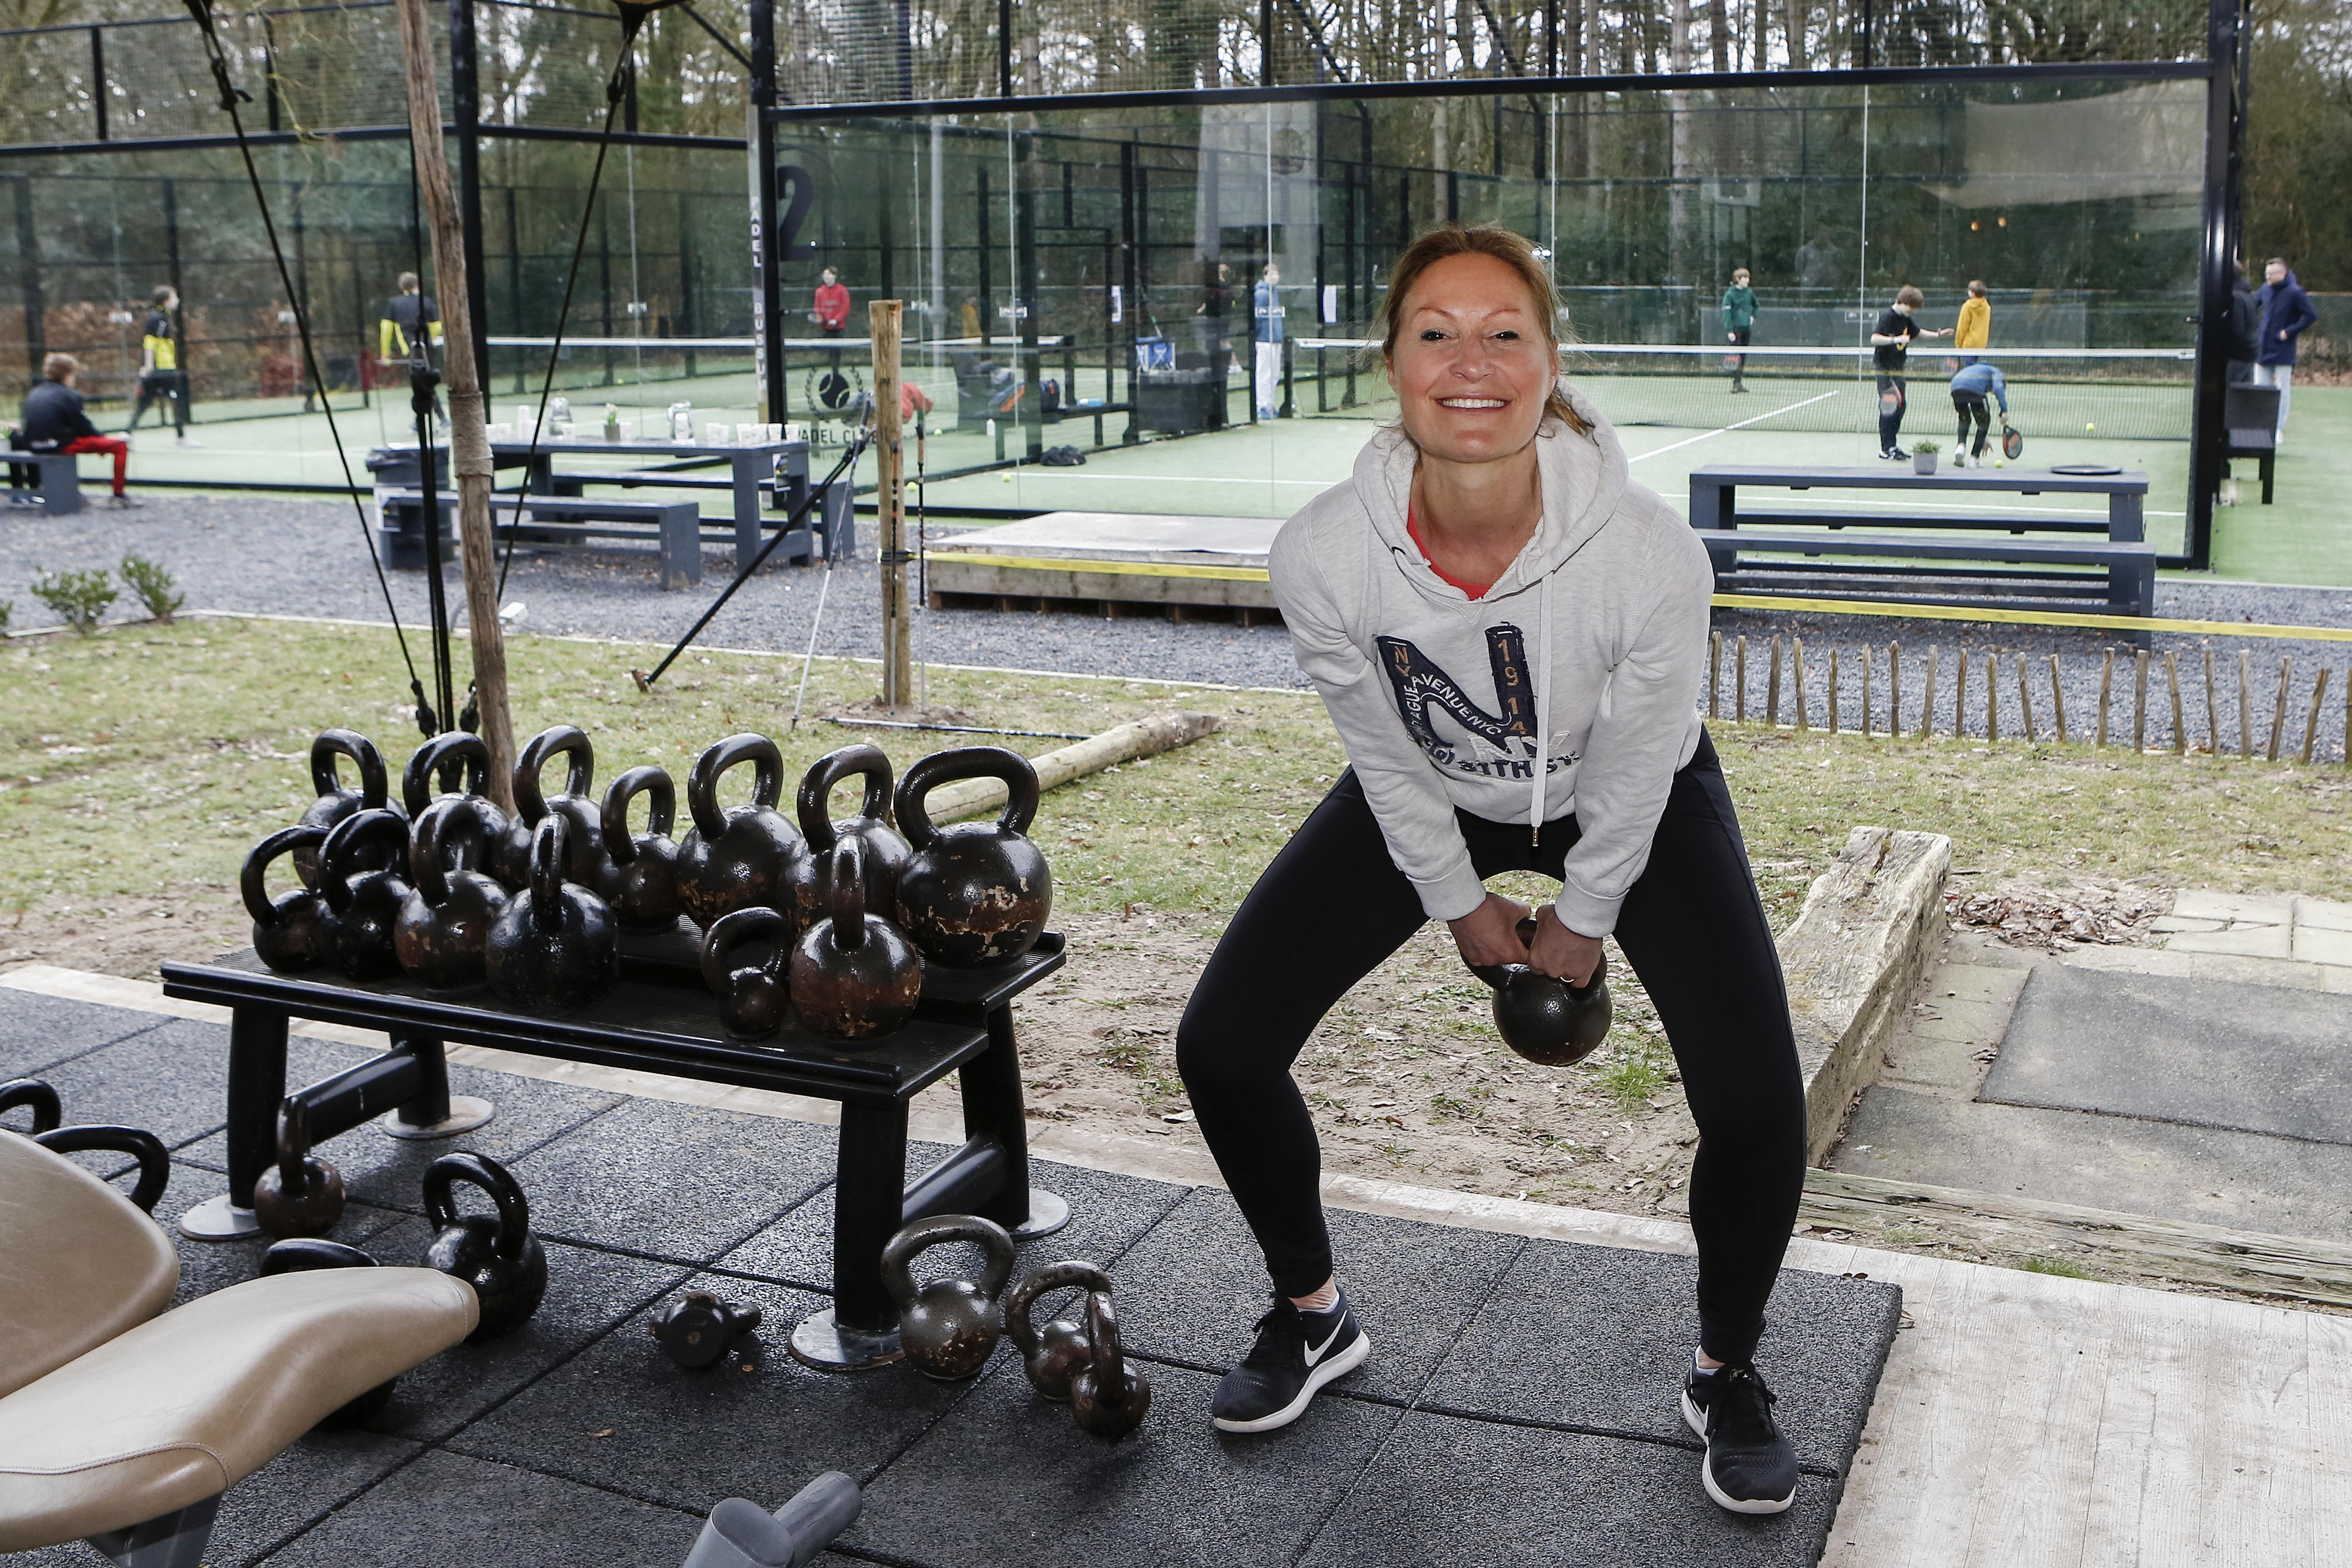 Meer dan 300 sportscholen slepen fitnesstoestellen naar buiten voor de actie 'stilzitten is geen optie'. Wel naar snackbar, niet naar de sportschool, wie snapt dat nog?